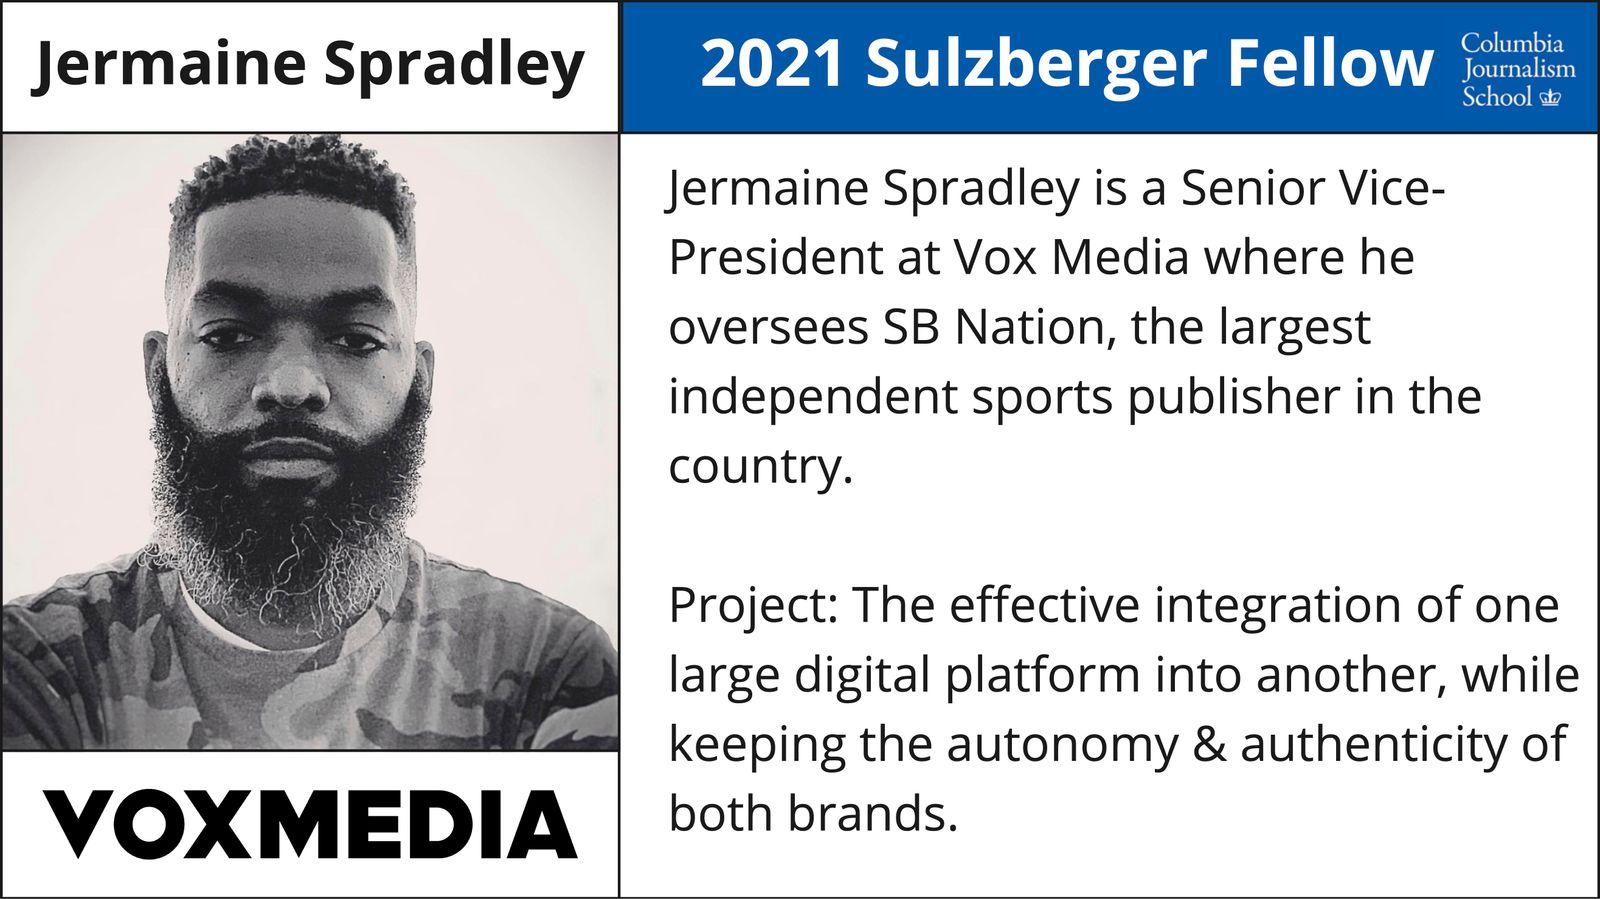 Jermaine Spradley